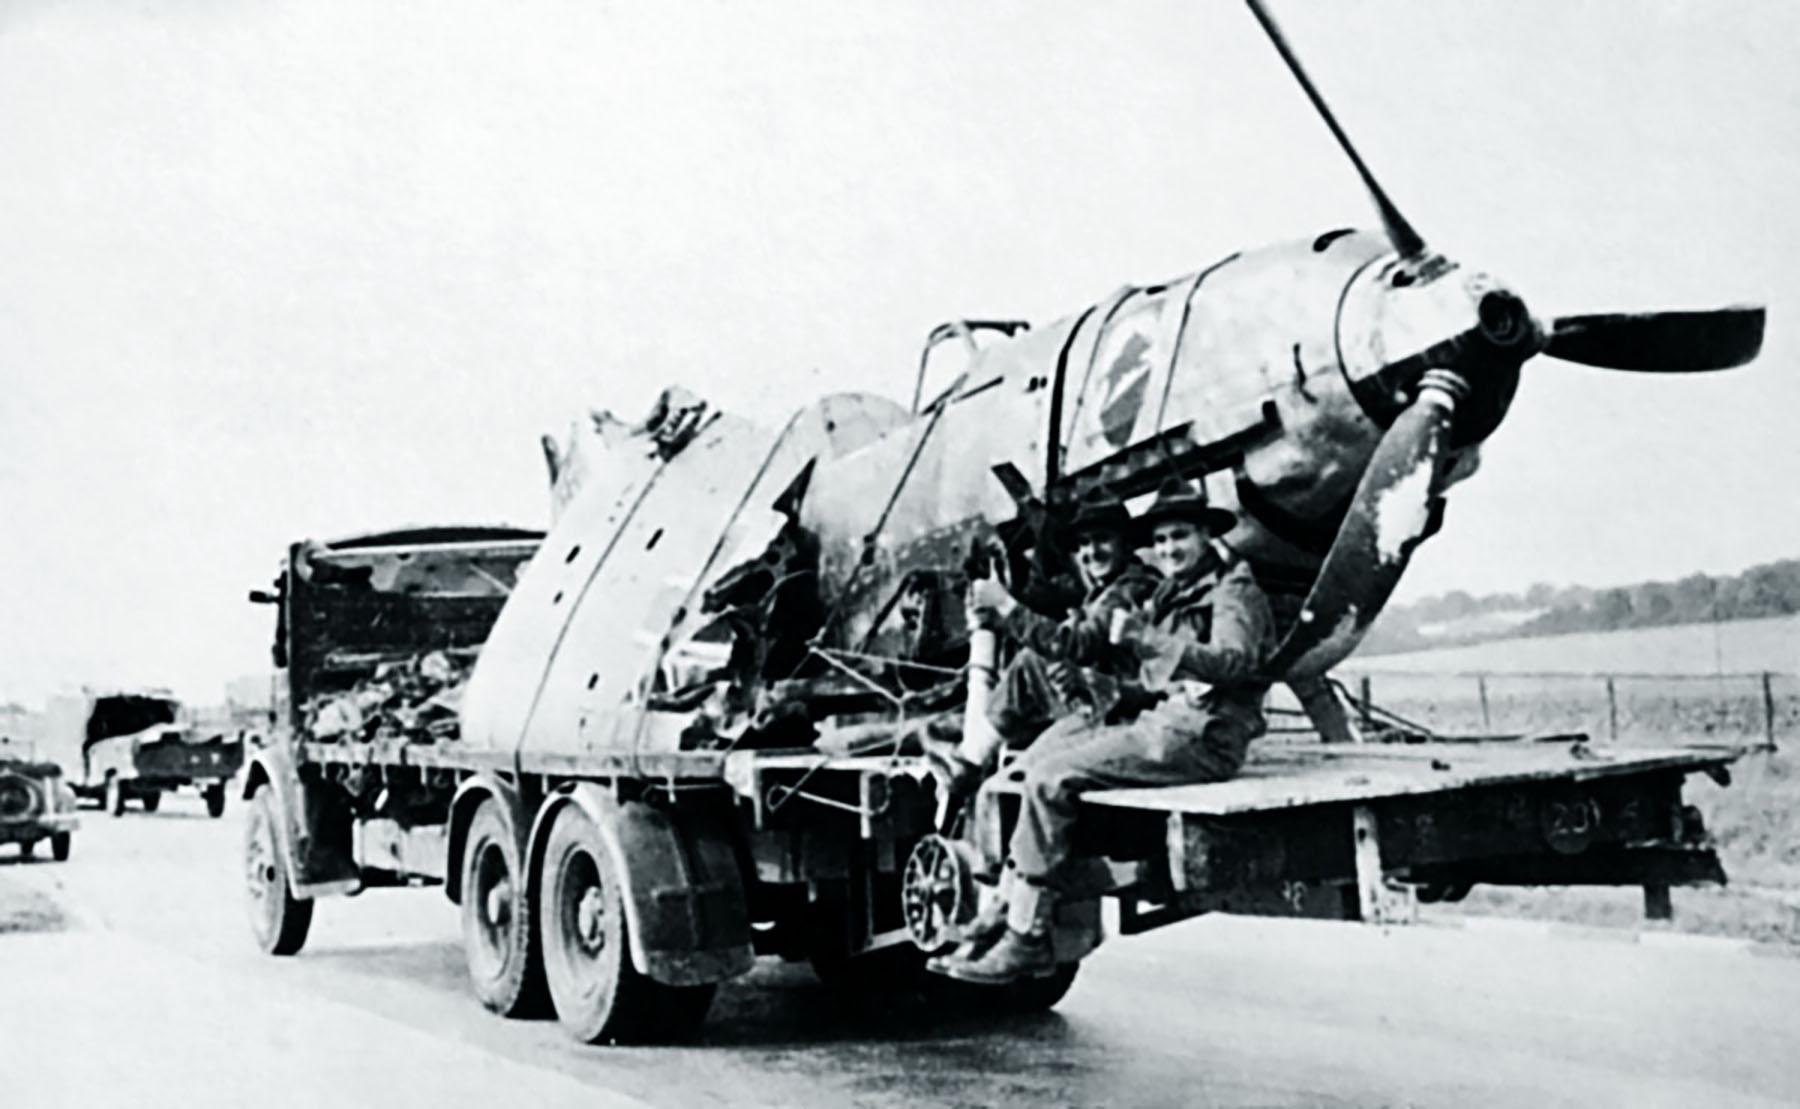 Messerschmitt Bf 109E1 1.JG52 White 9 Herbert Bischoff forced landed near Kent 24th Aug 1940 02